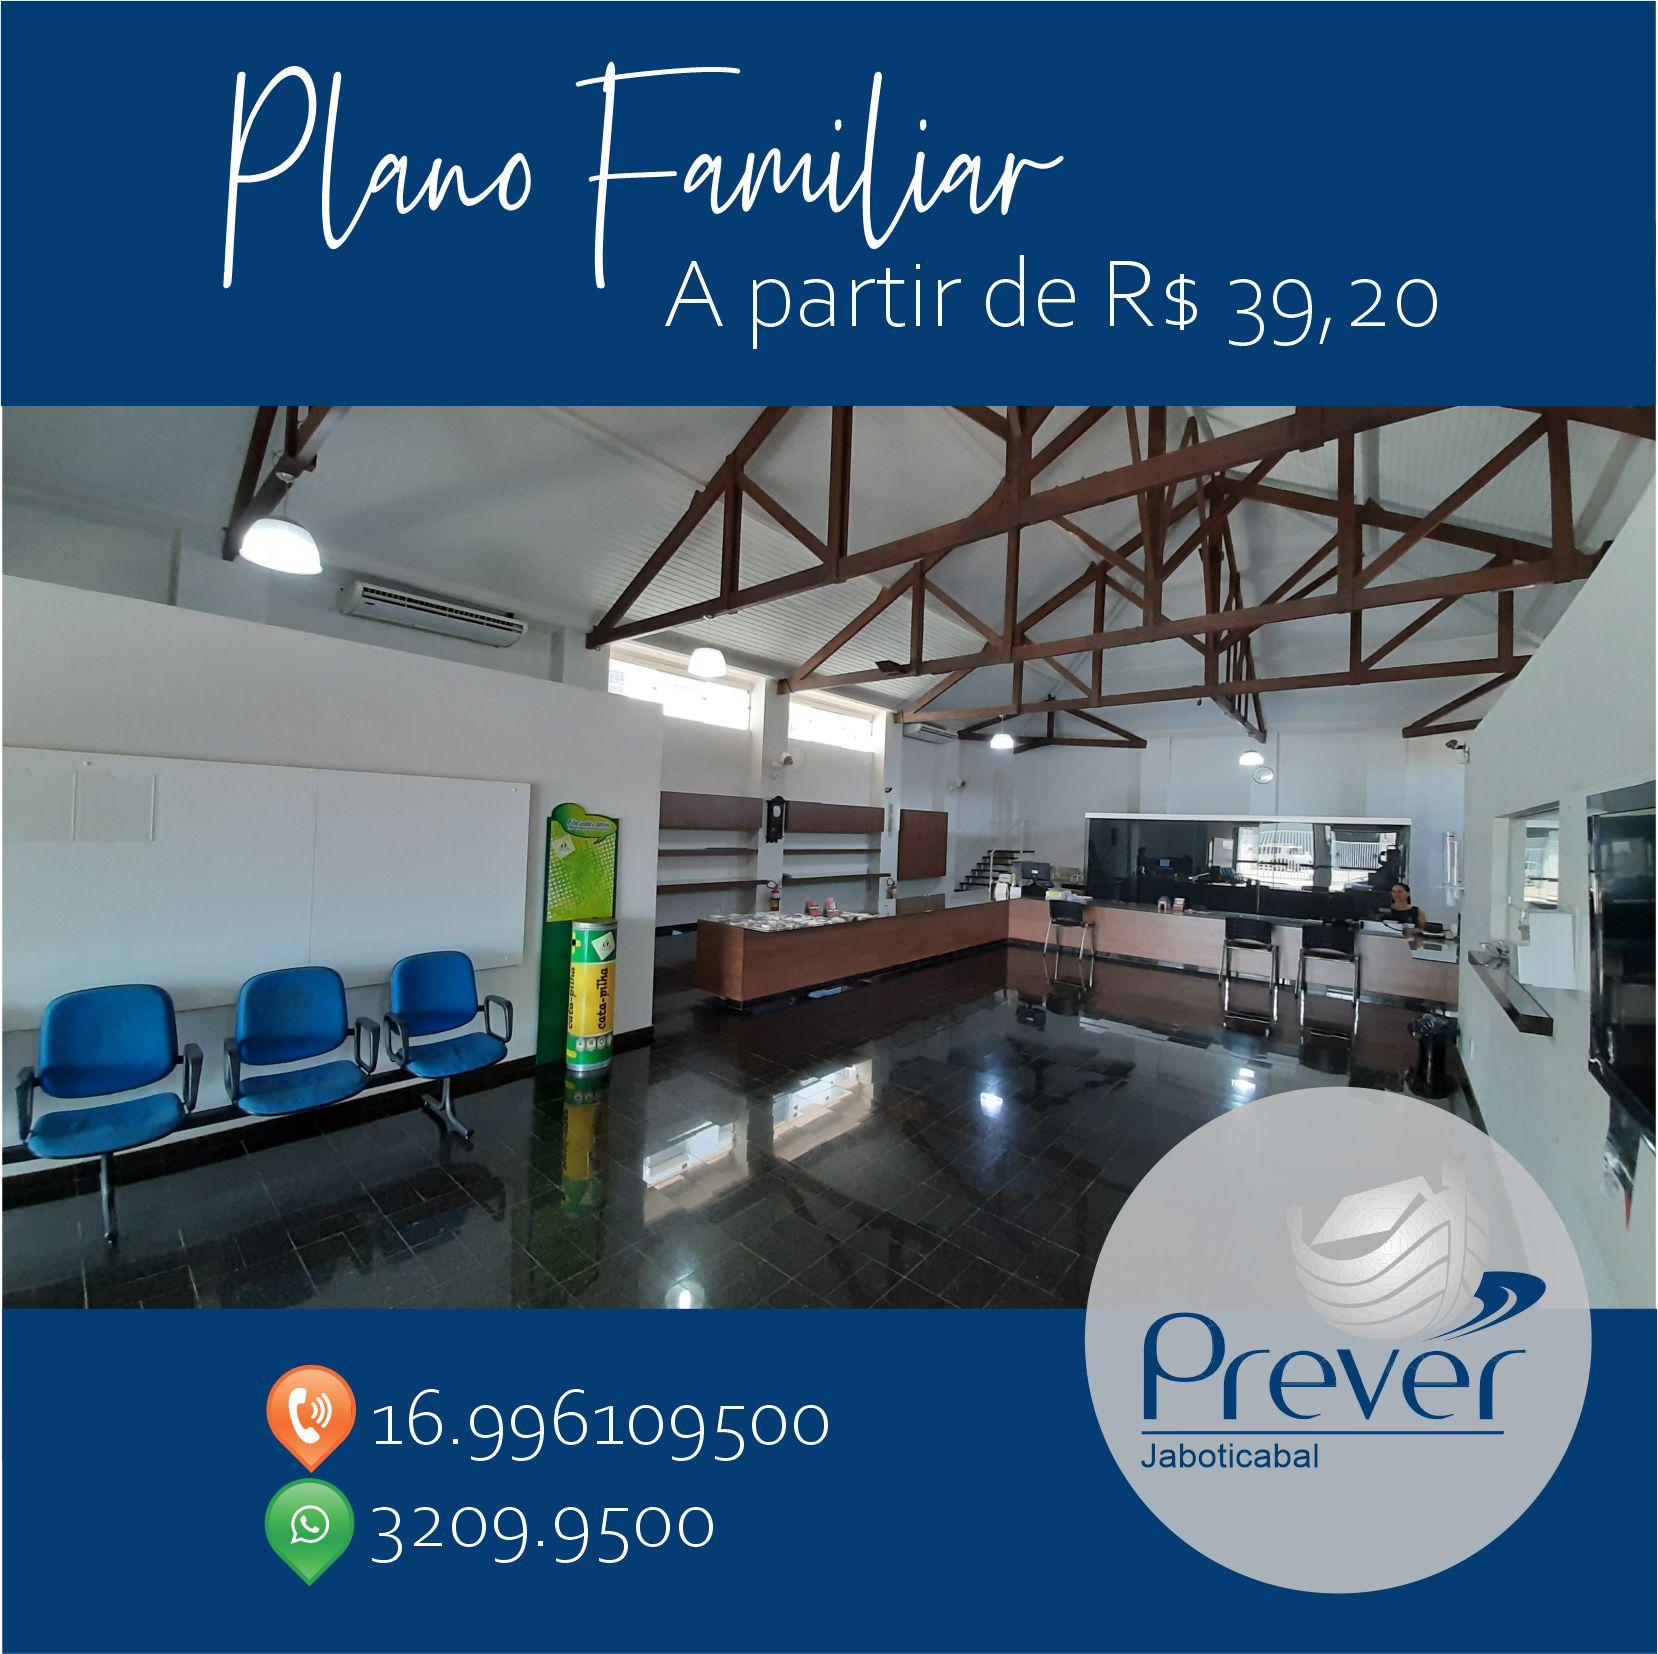 Prever Jaboticabal tem Plano Familiar a partir de R$ 39,20